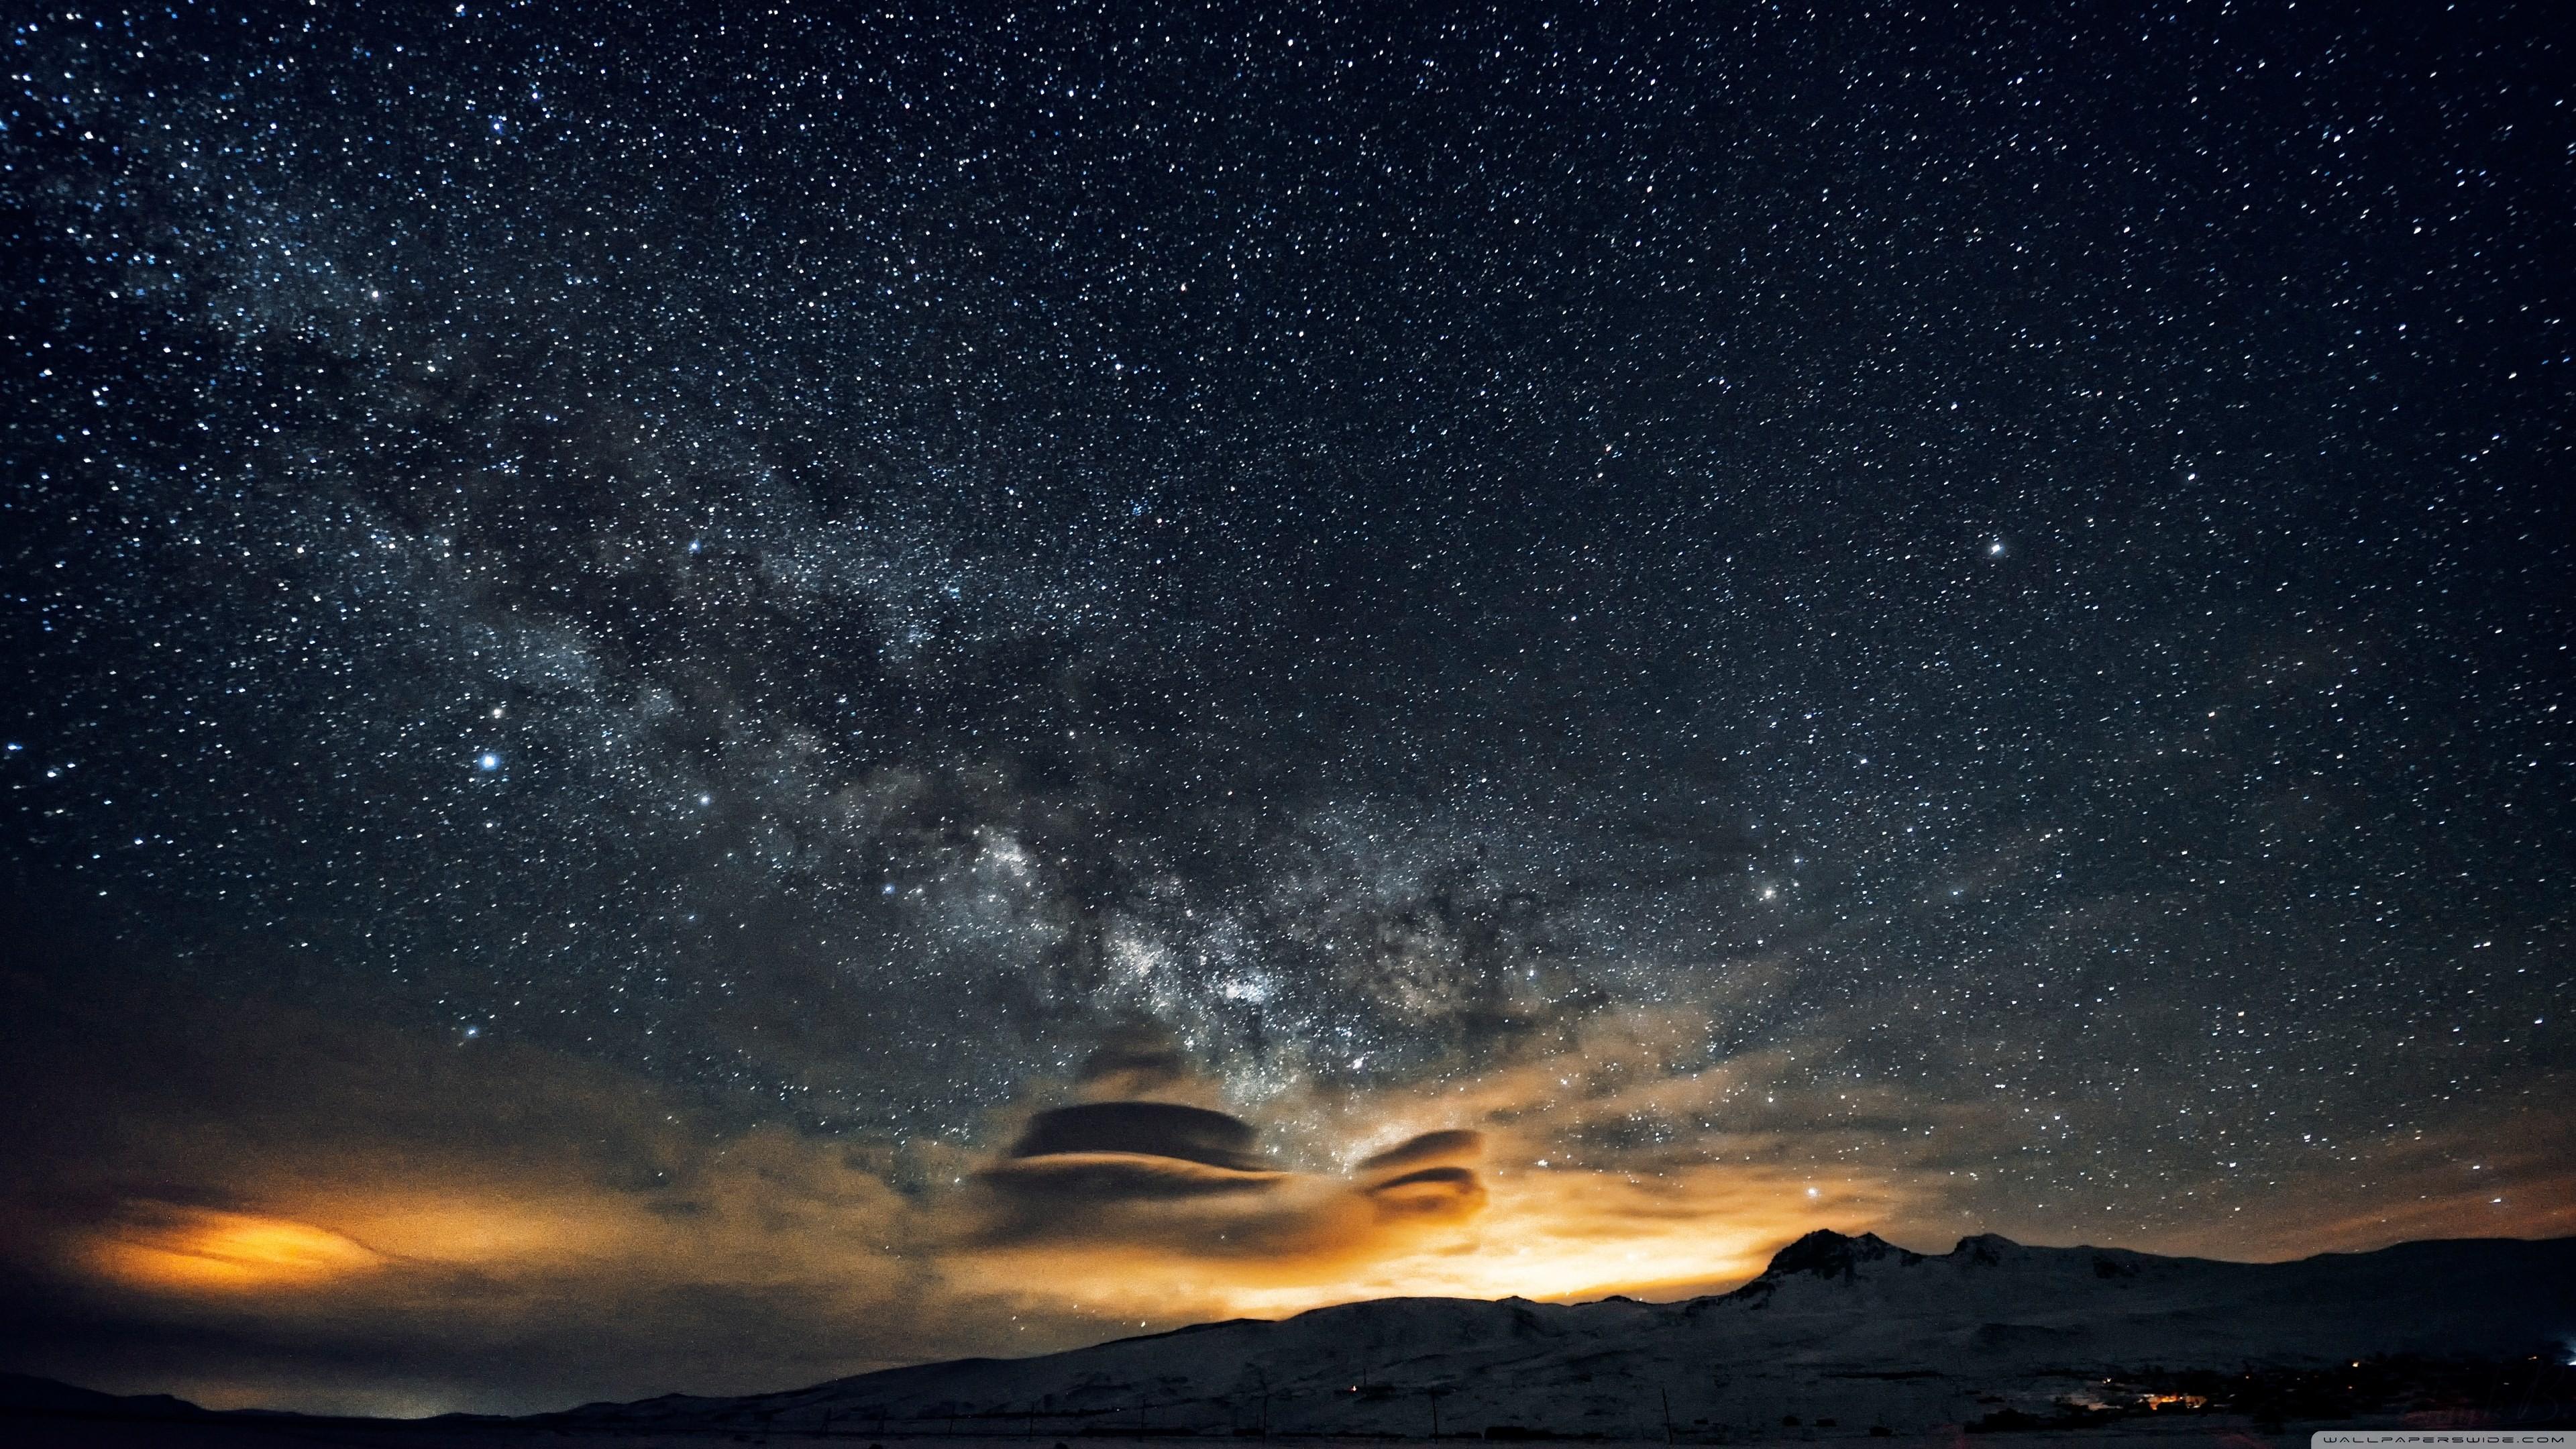 Andromeda Galaxy Wallpaper Iphone Die 72 Besten Beruhigende Hintergrundbilder